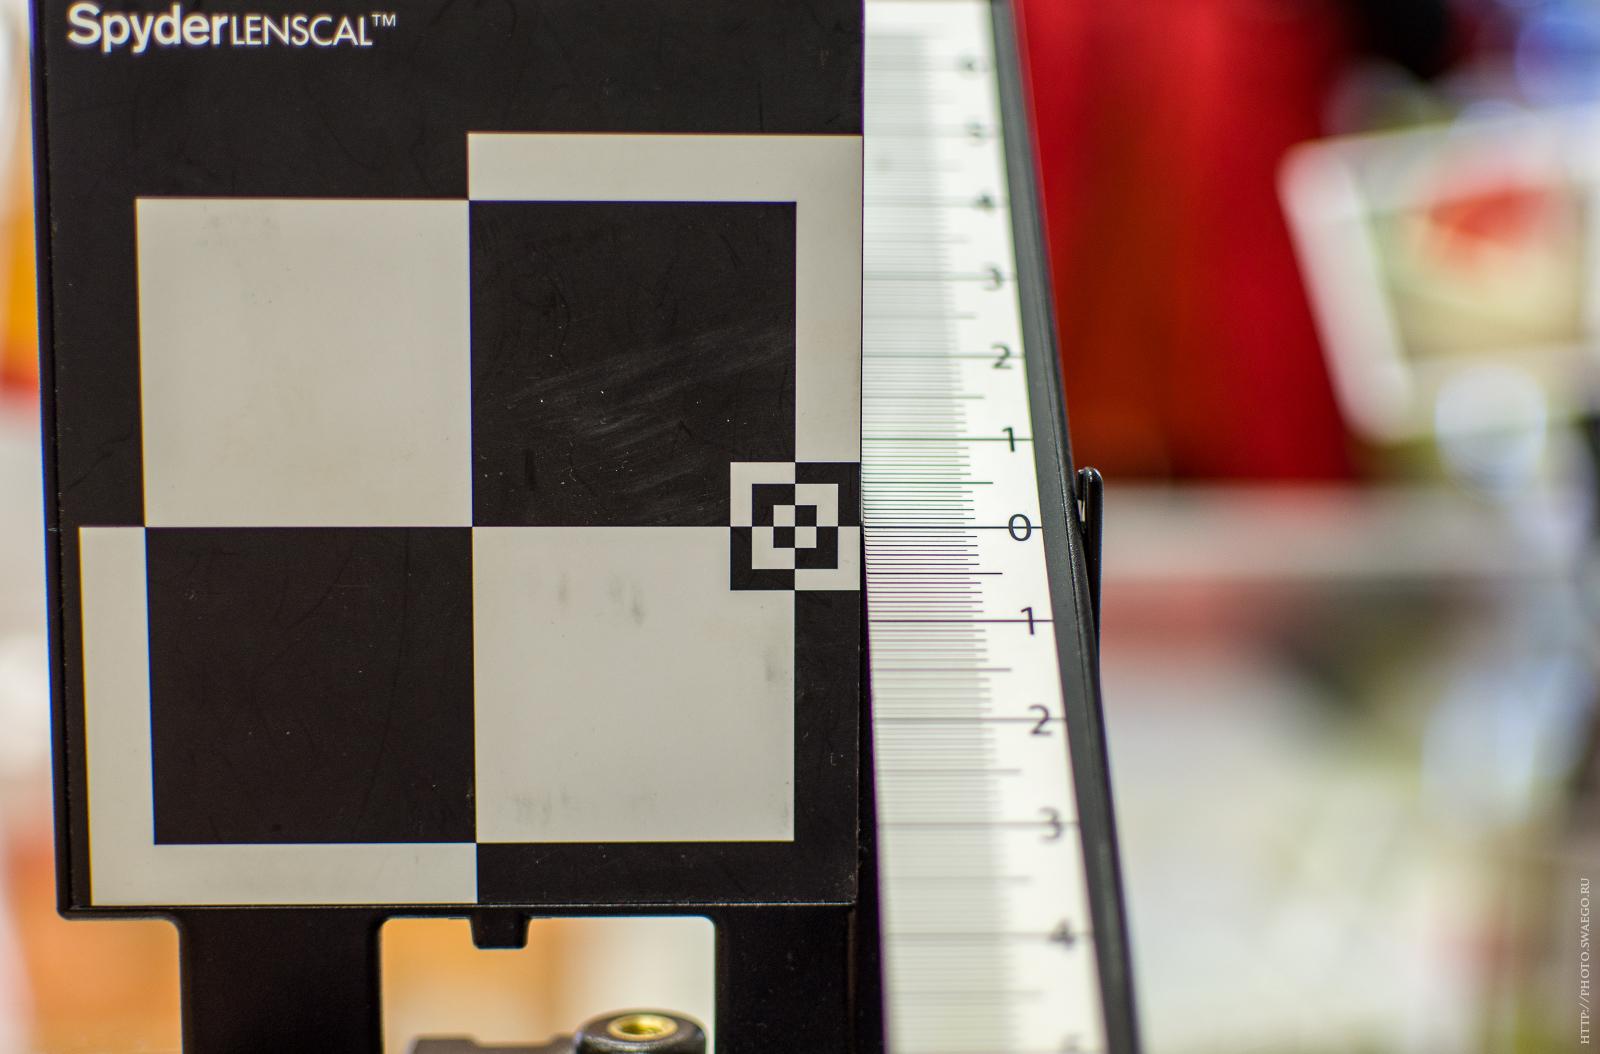 Nikkor 35mm f/1.8G AF-S DX